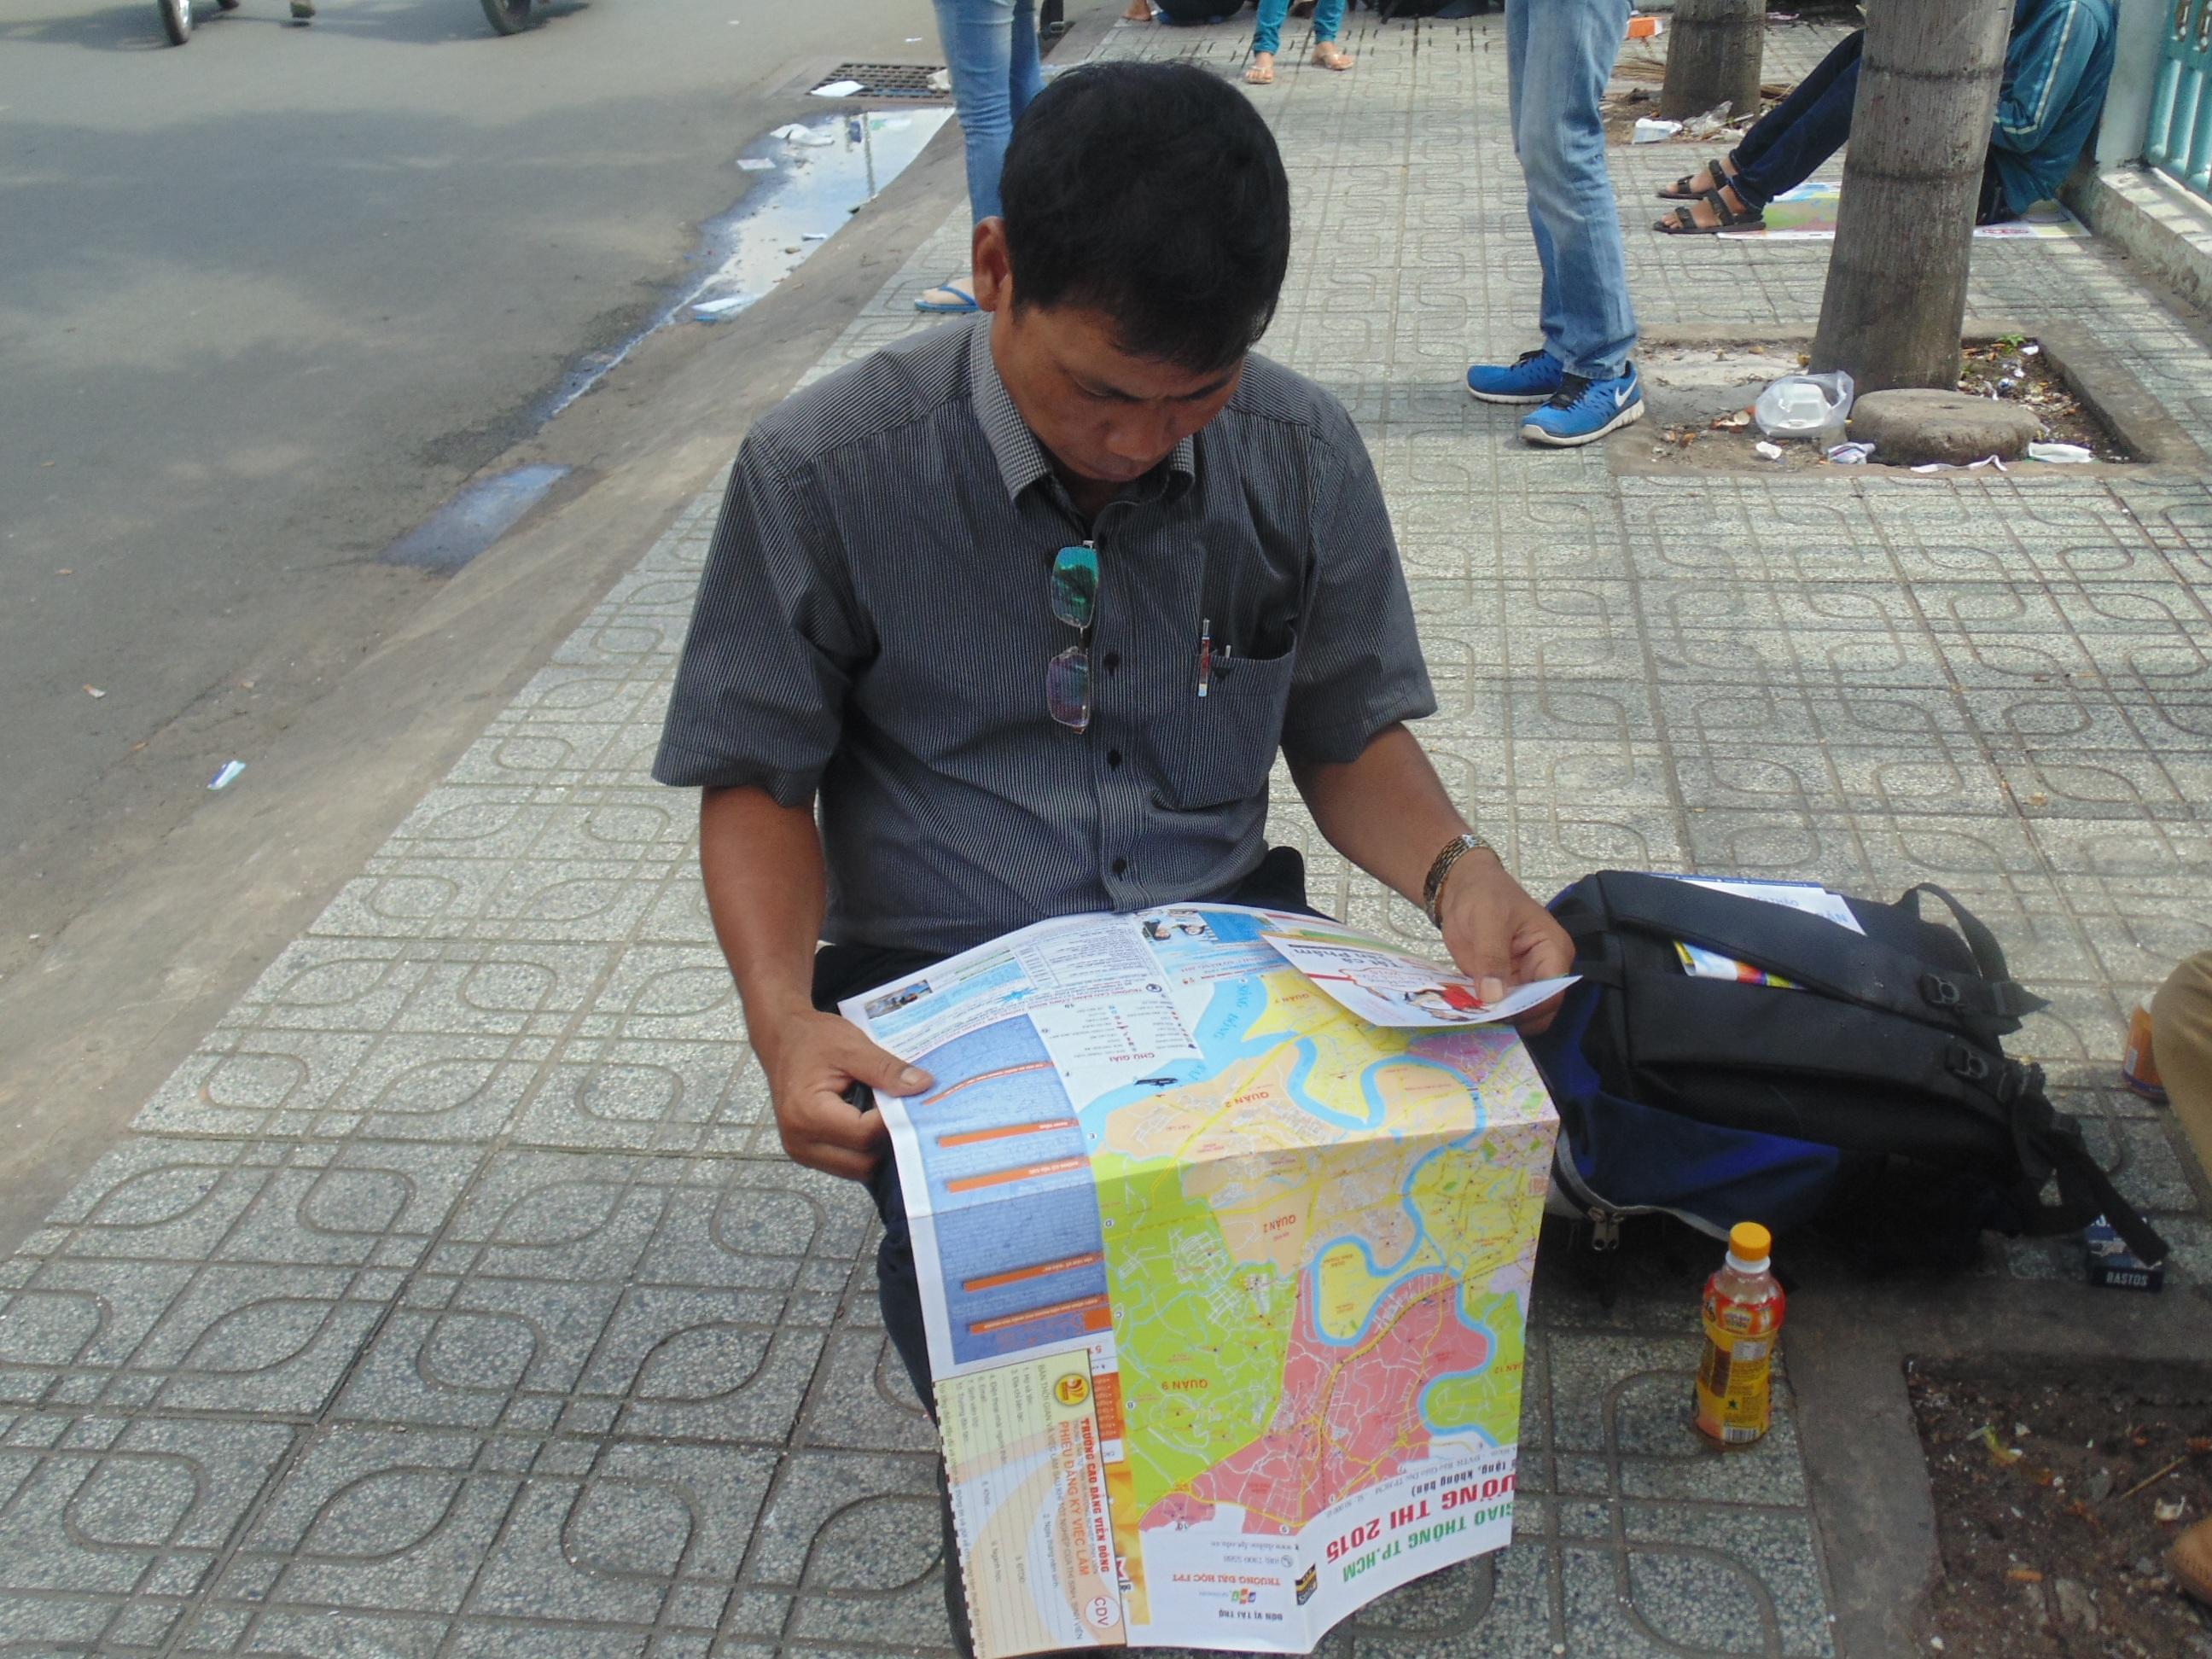 Ông bố này đang tra cứu đồ TPHCM để tìm ra đường ngắn nhất từ nhà trọ tới điểm thi.